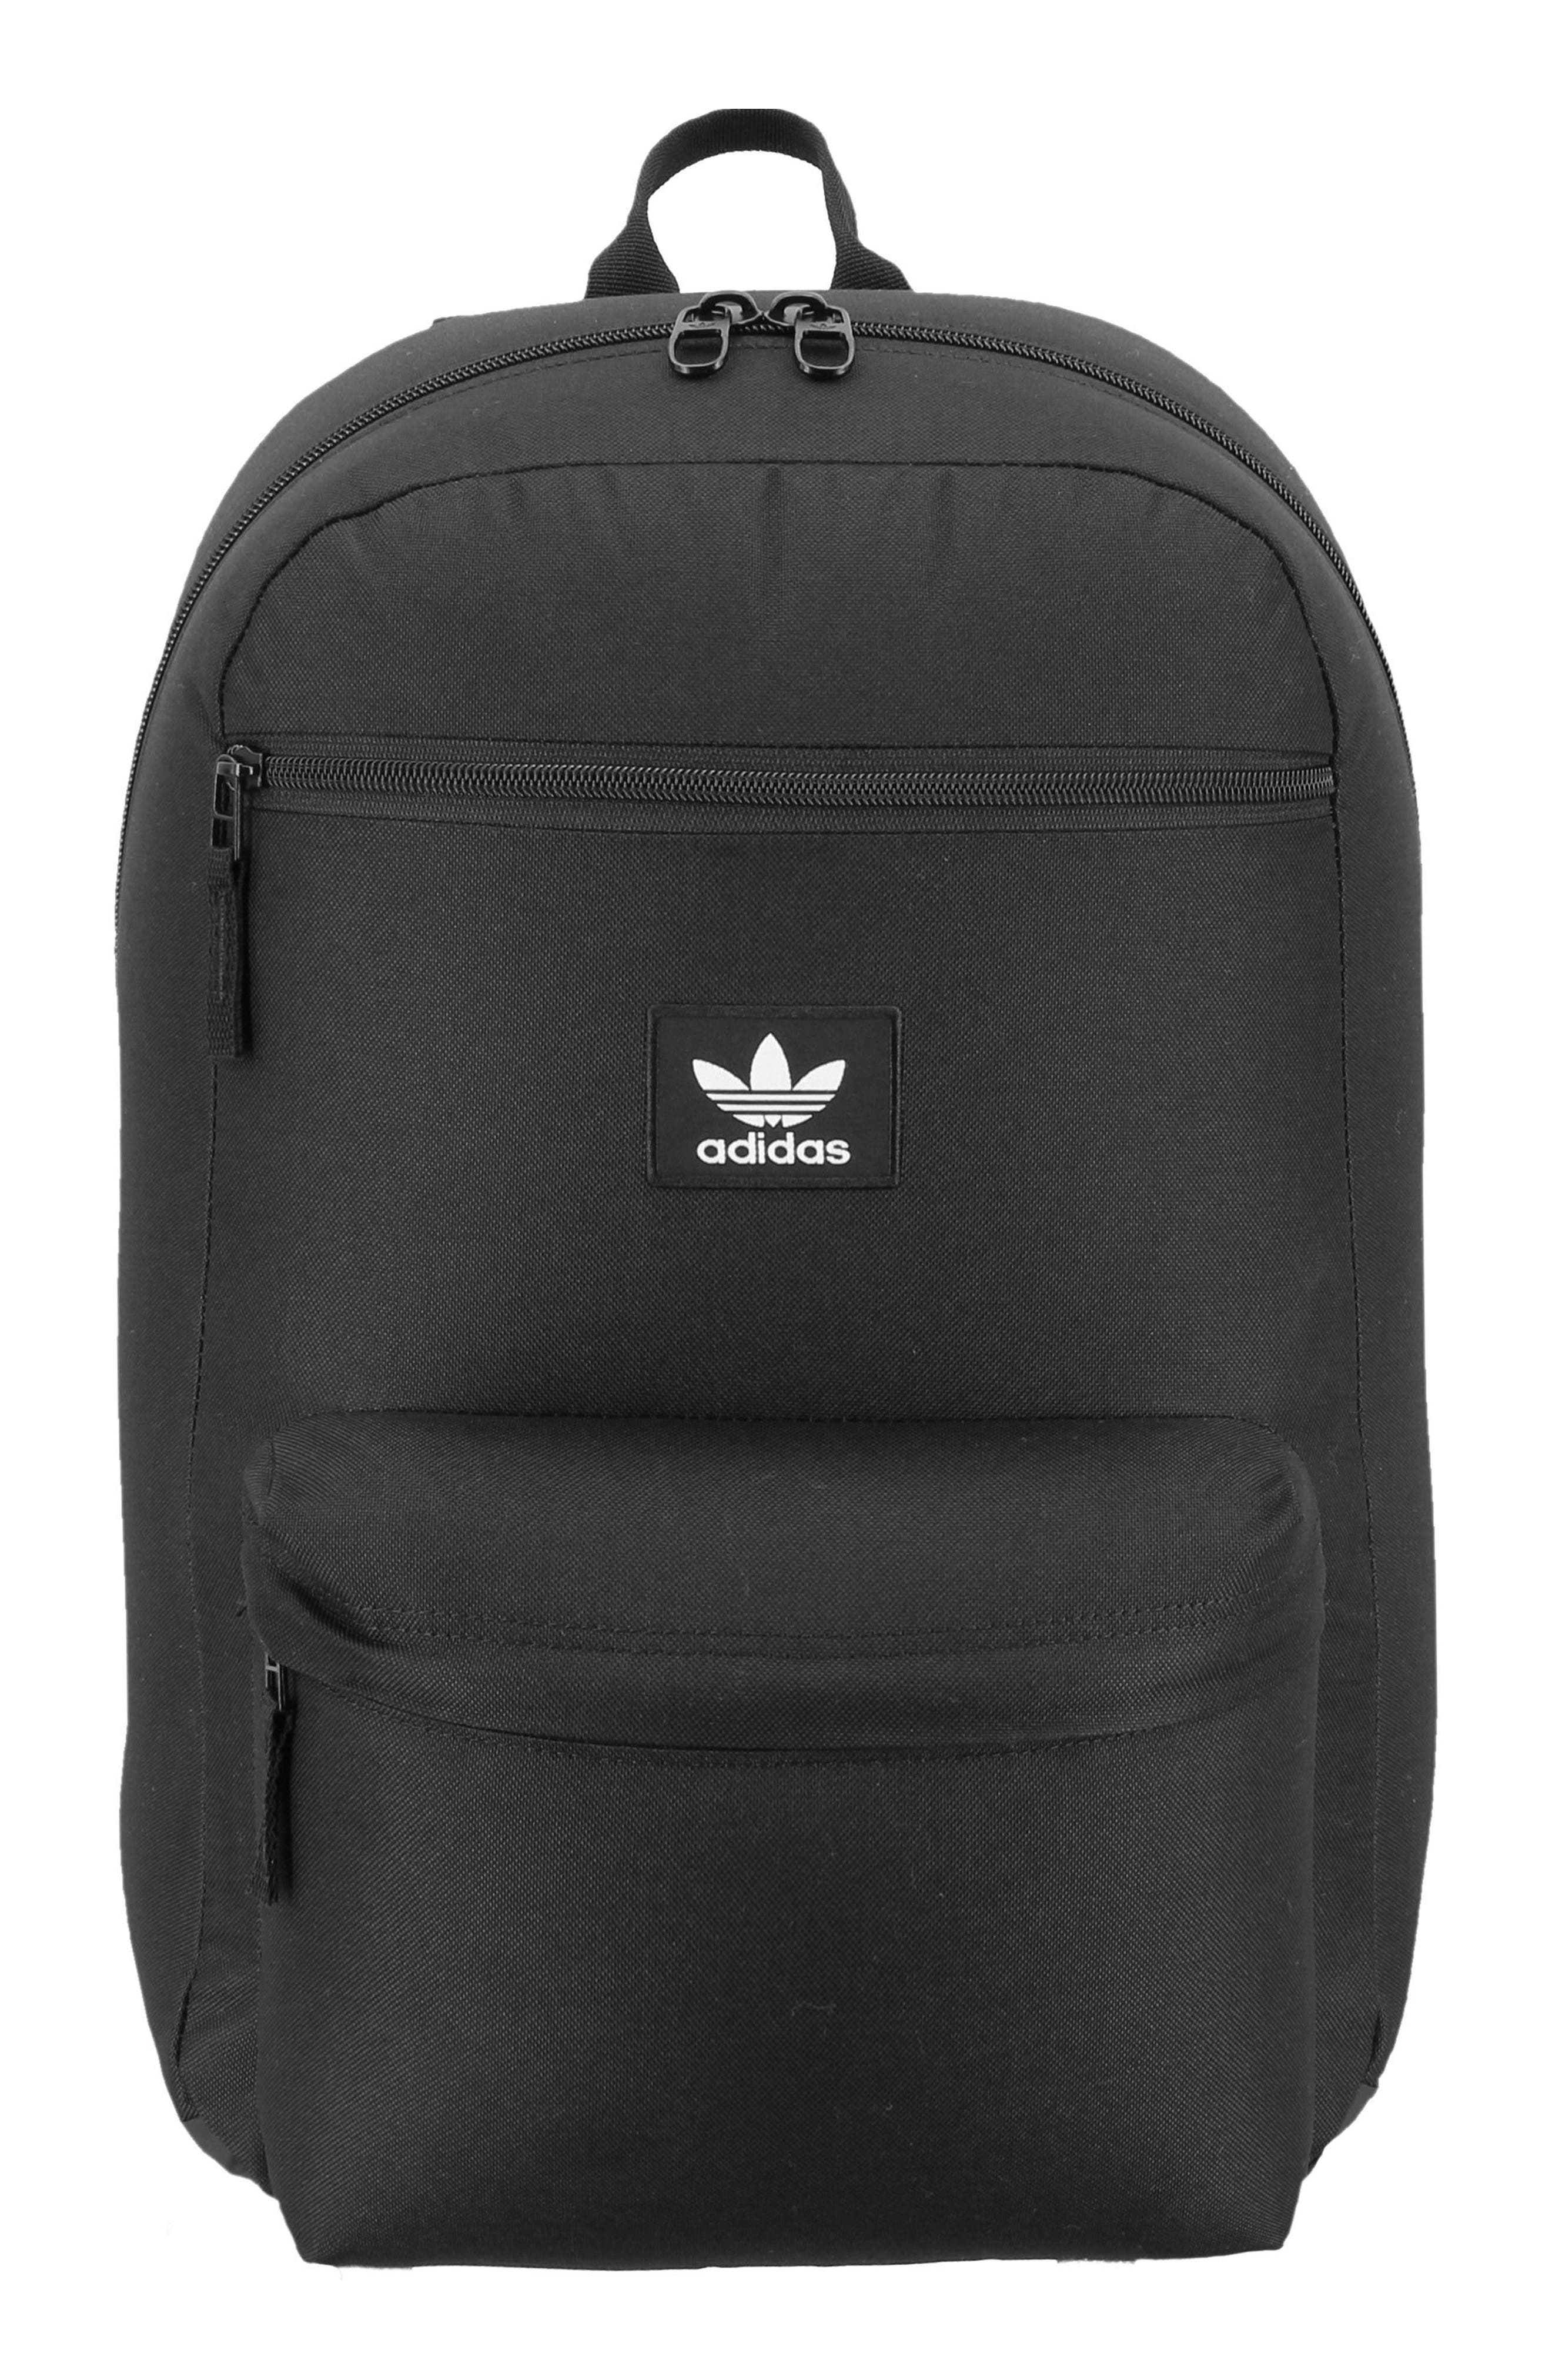 adidas Originals Nationals Backpack